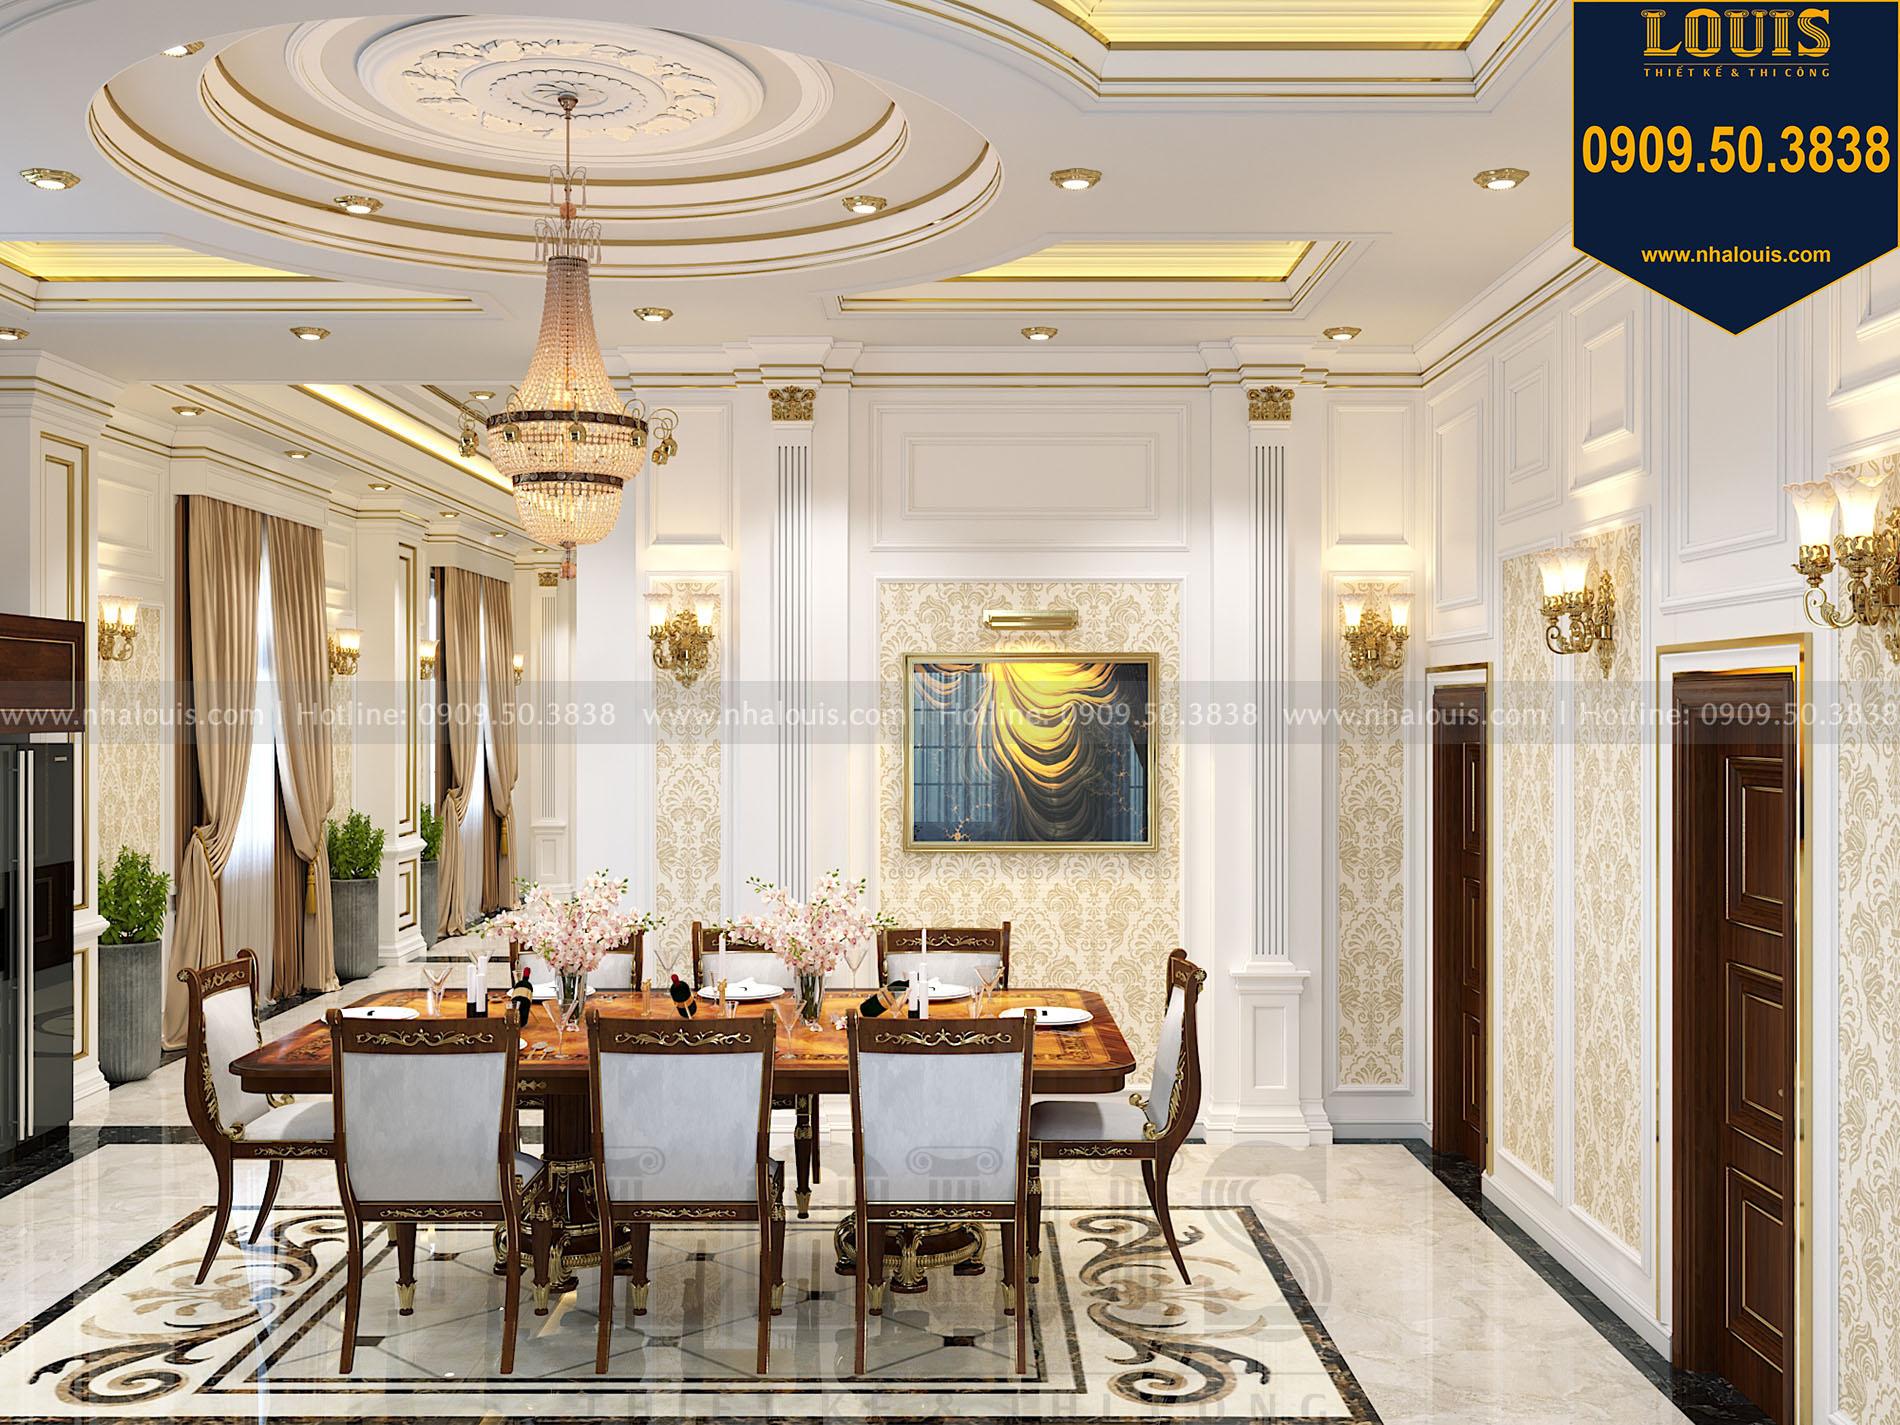 mẫu thiết kế phòng ăn đẹp khiến bạn không thể rời mắt